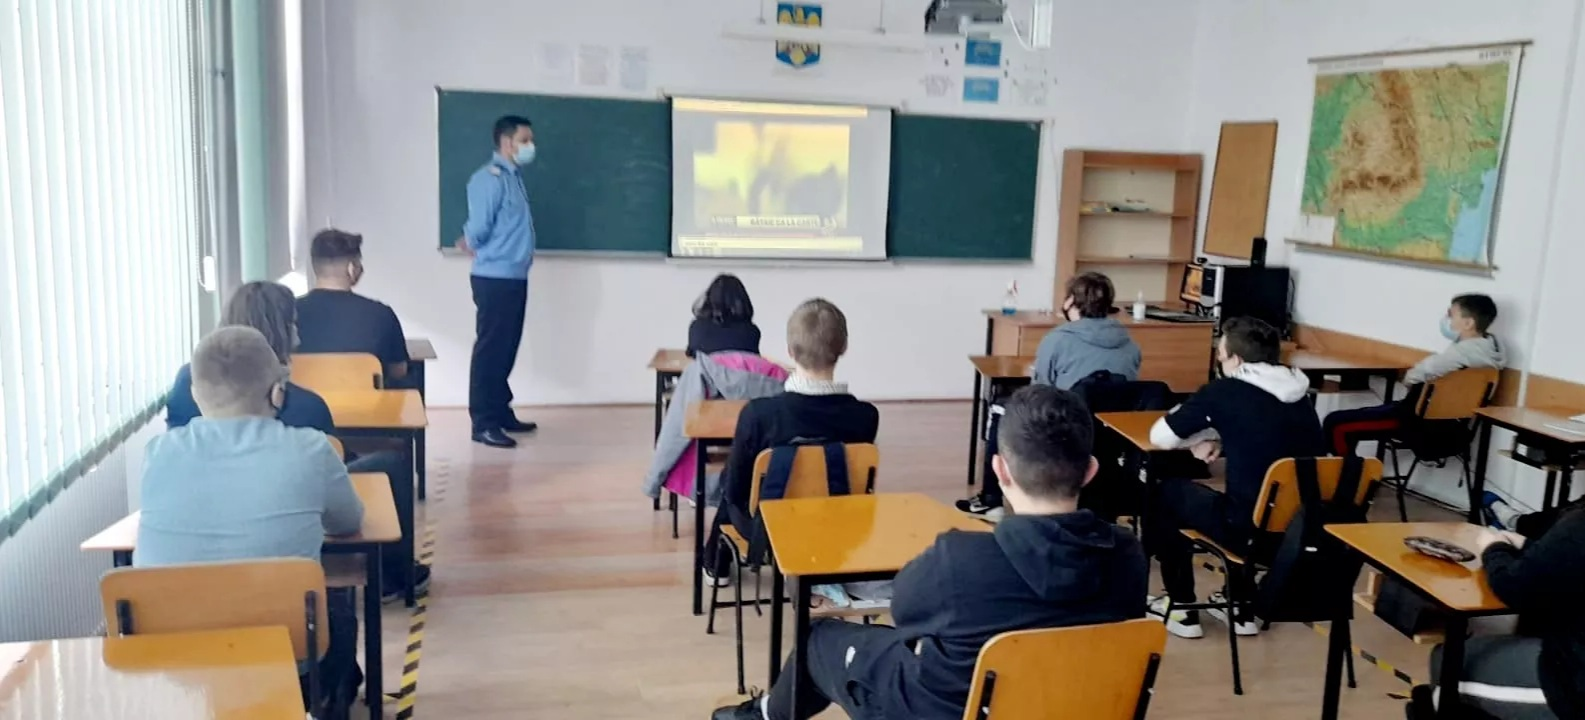 Elevi de la şcoala Ion Luca Caragiale din Tulcea – vizitaţi de jandarmii tulceni